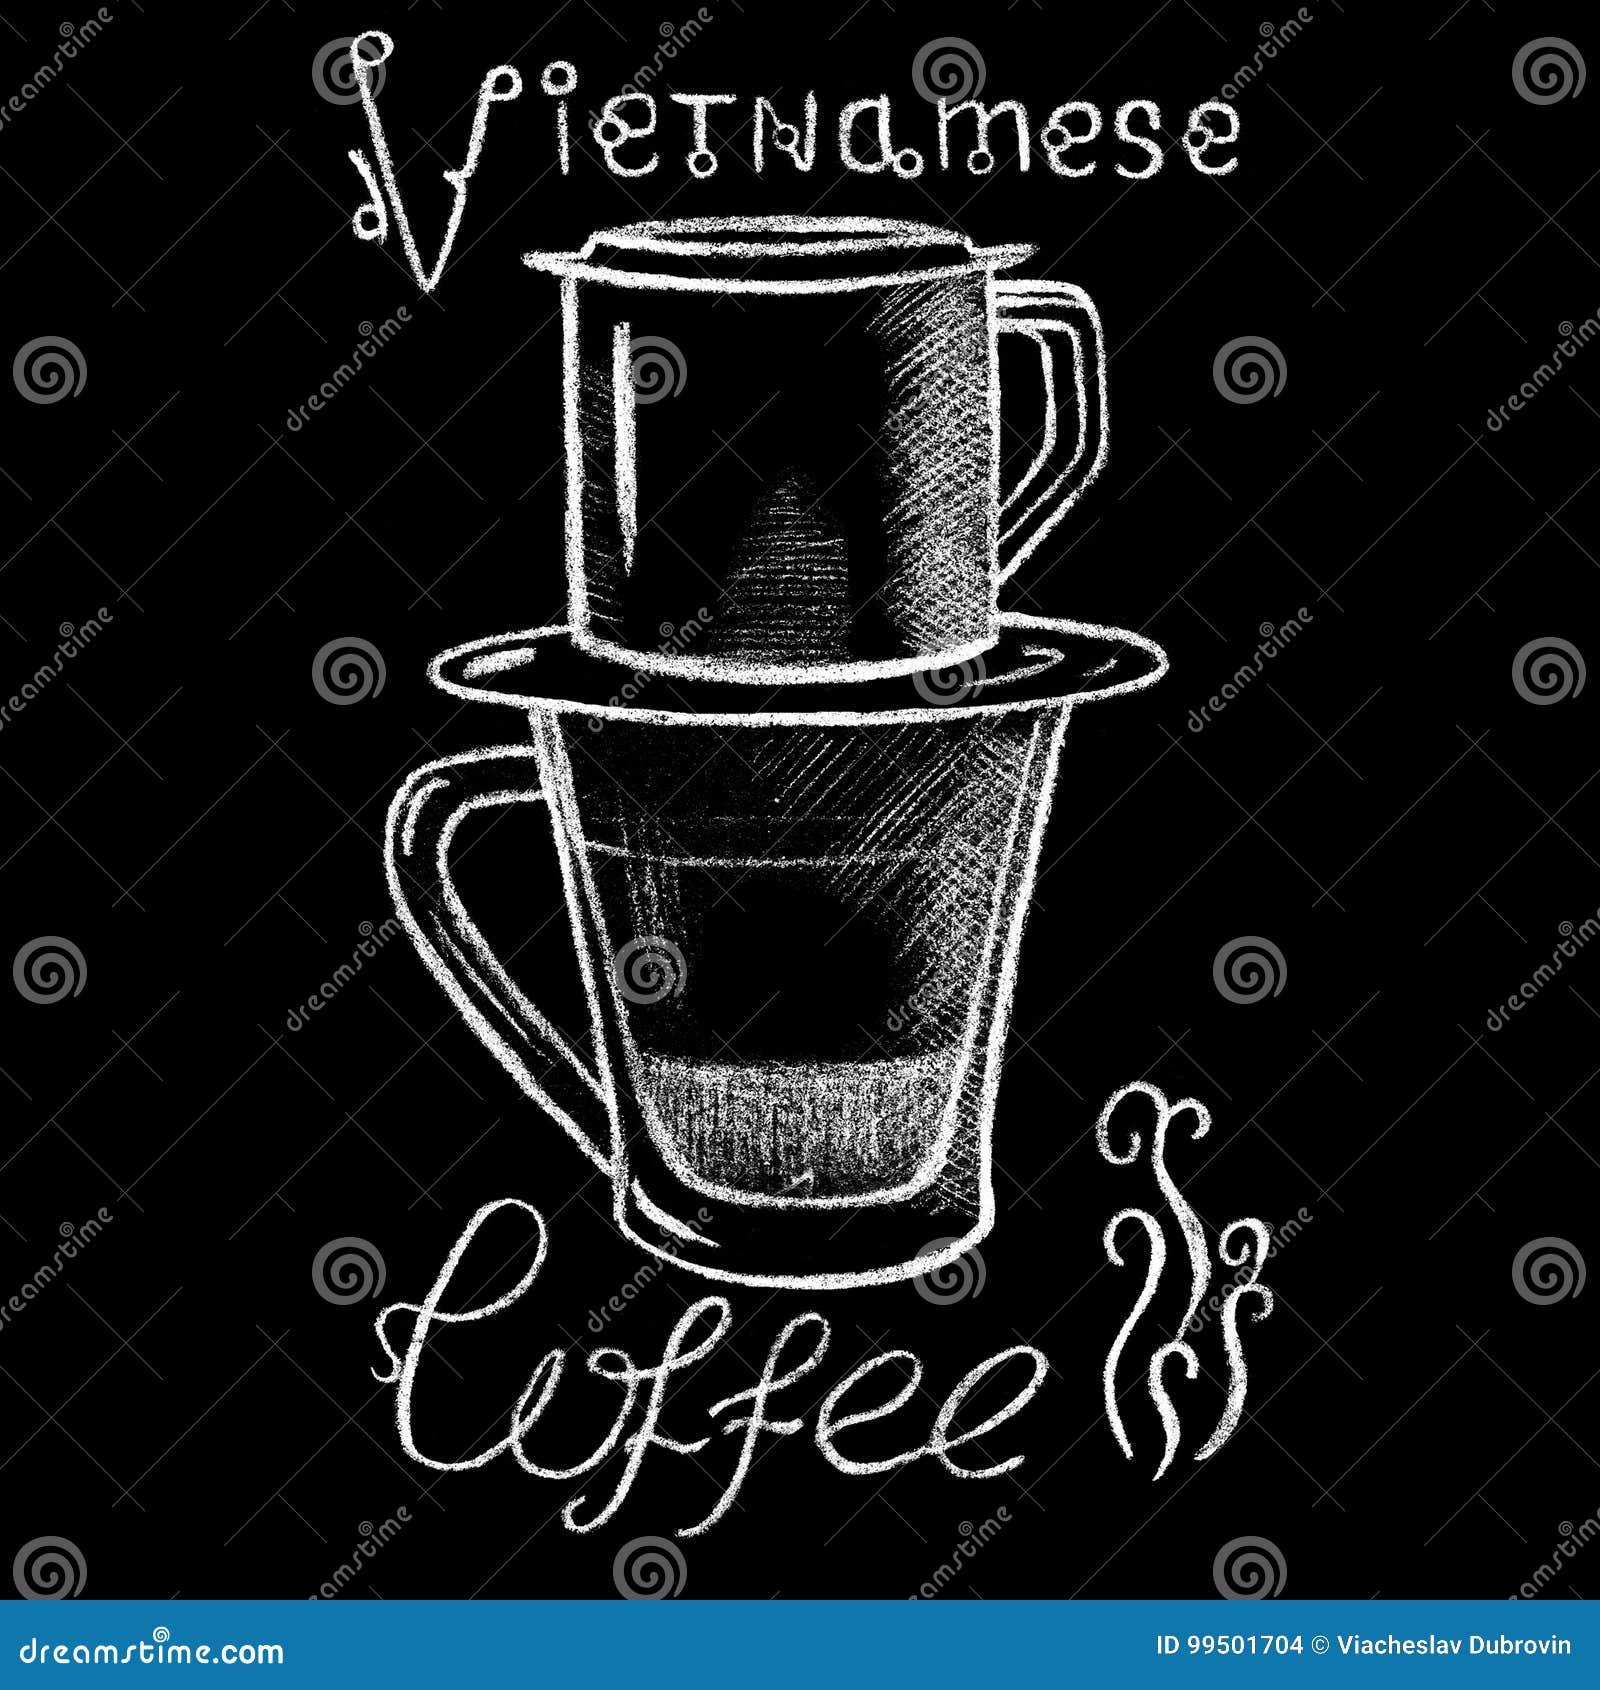 För kaffekopp för vit krita vietnamesisk teckning Handdrawn illustration för Vietnam stil filtrerad kaffe